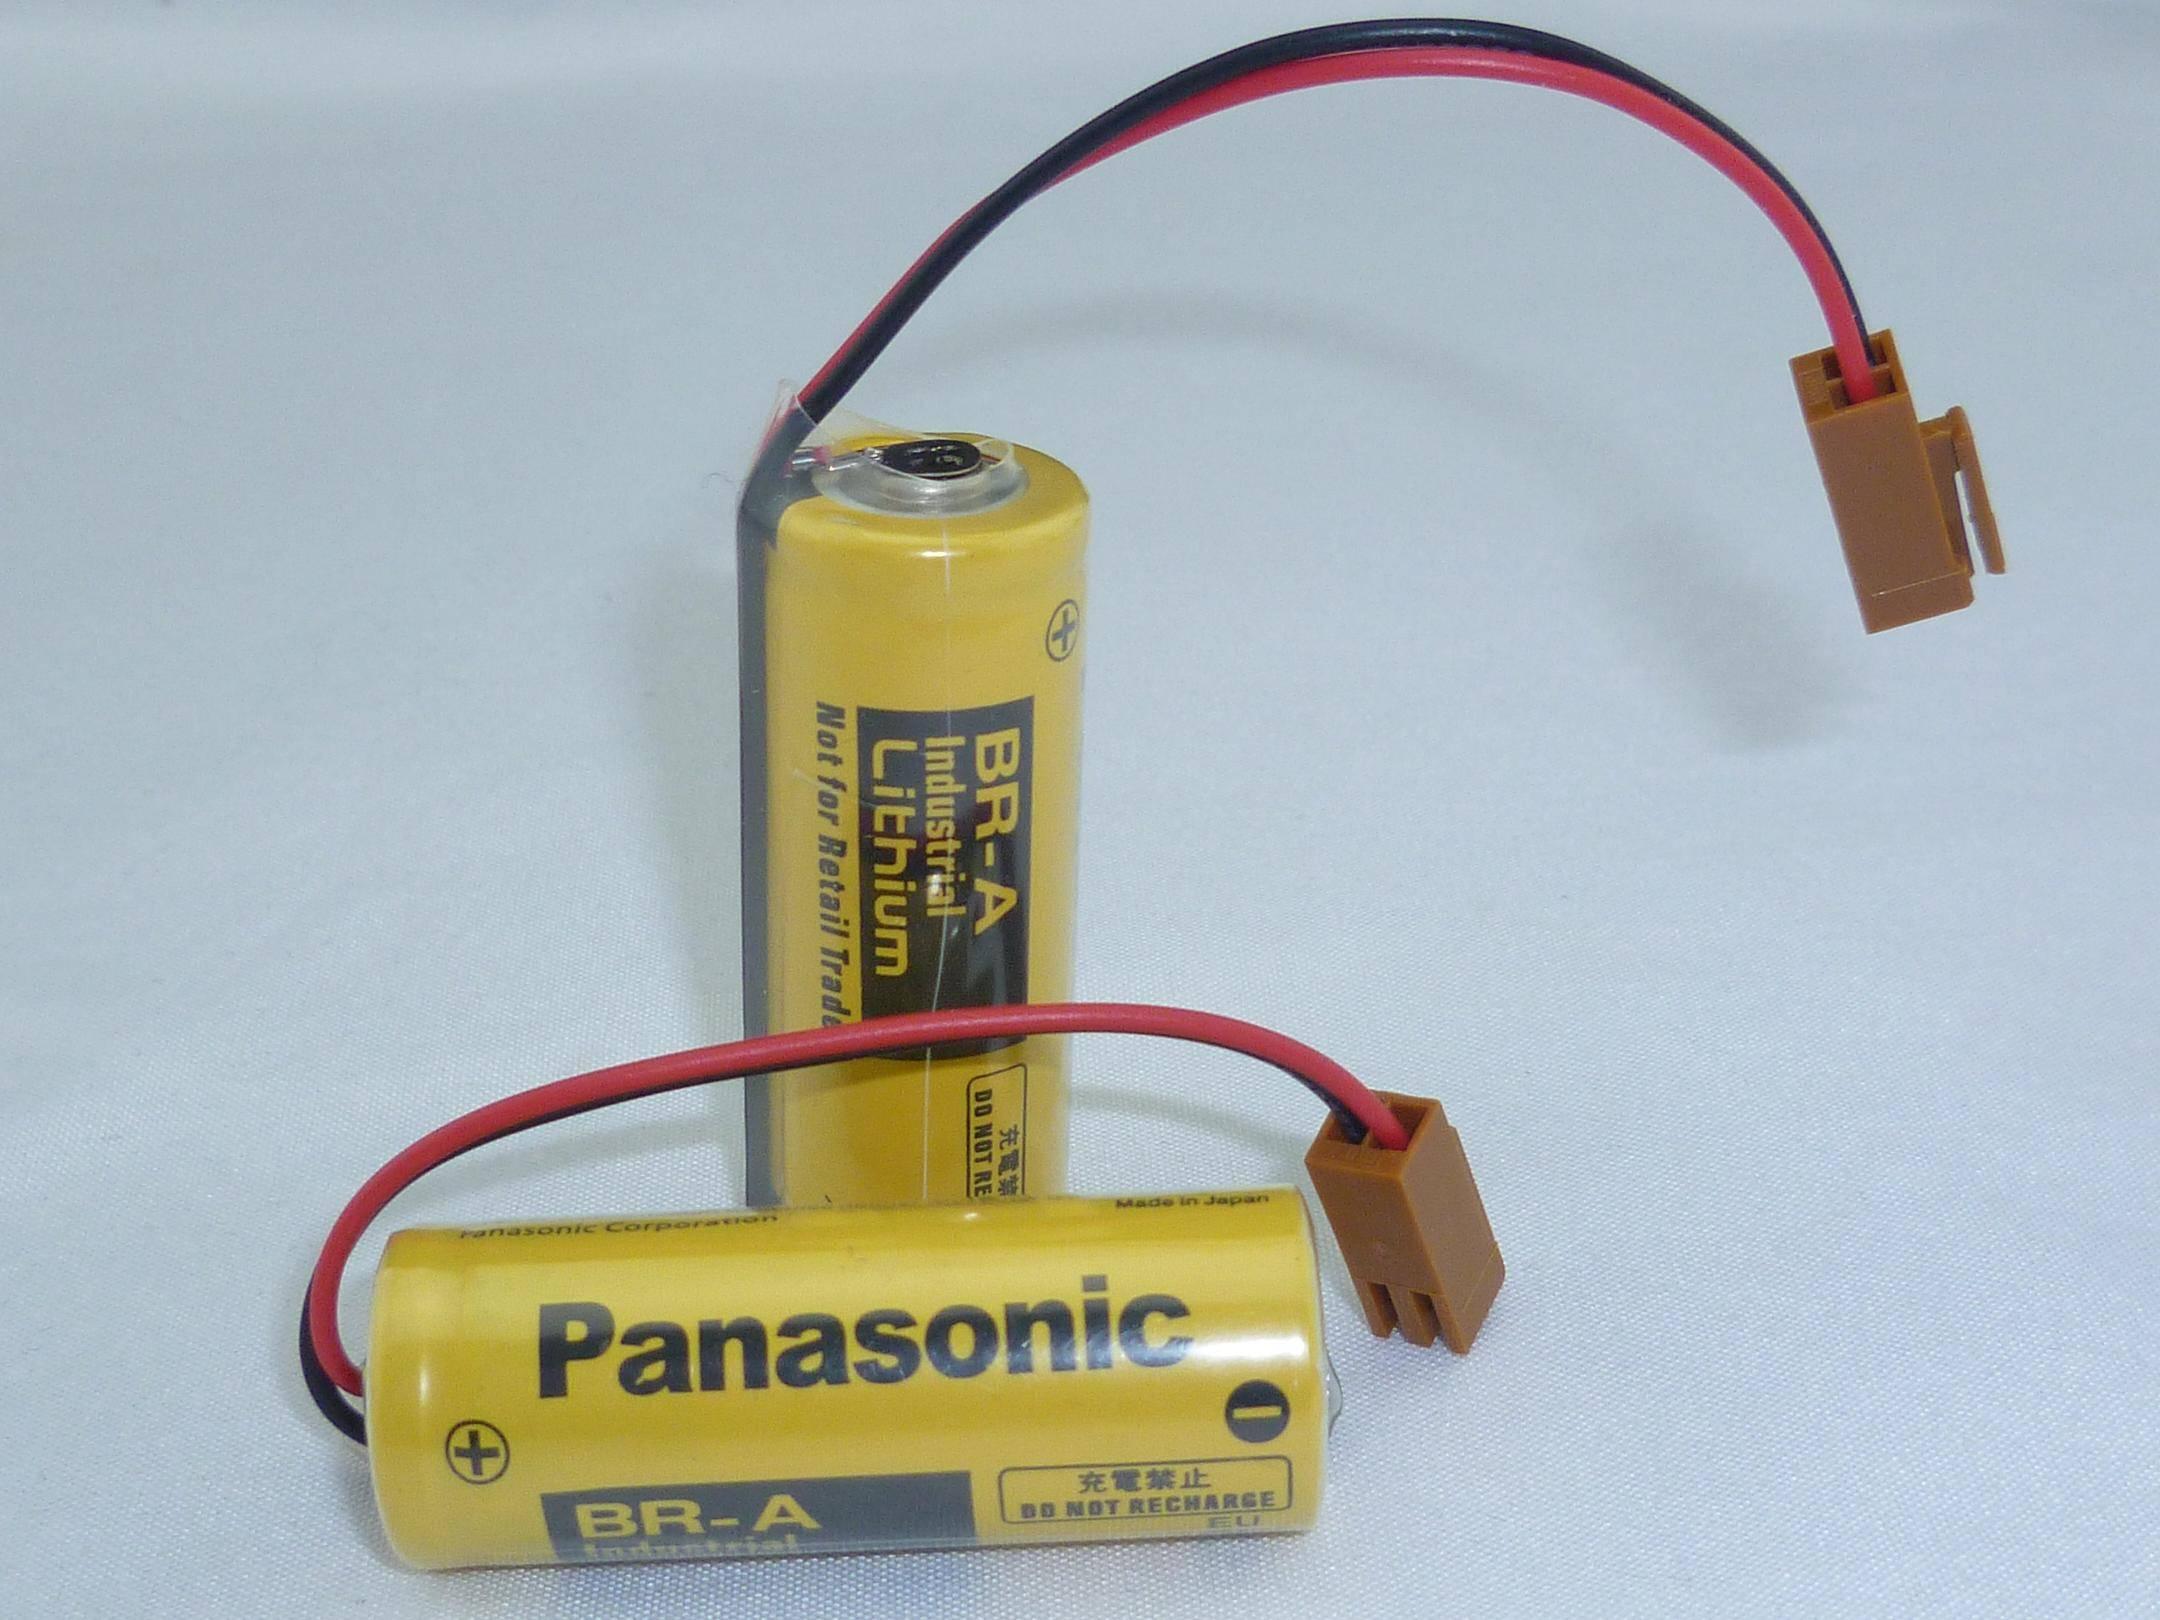 BR-A with plug (Panasonic)